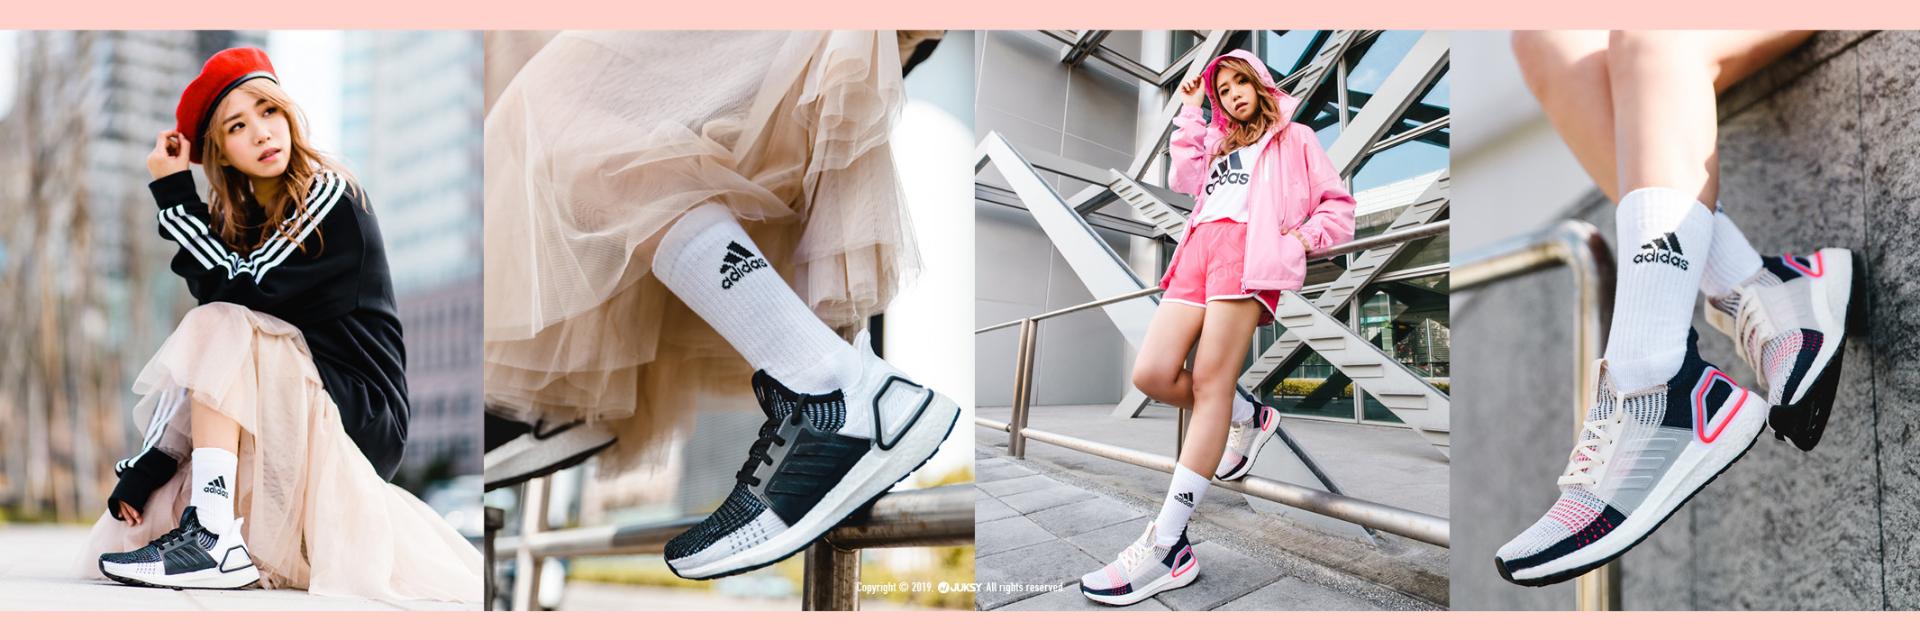 腳感激升!這群人「茵聲」上腳 adidas Ultraboost 19,女神氣場再進化